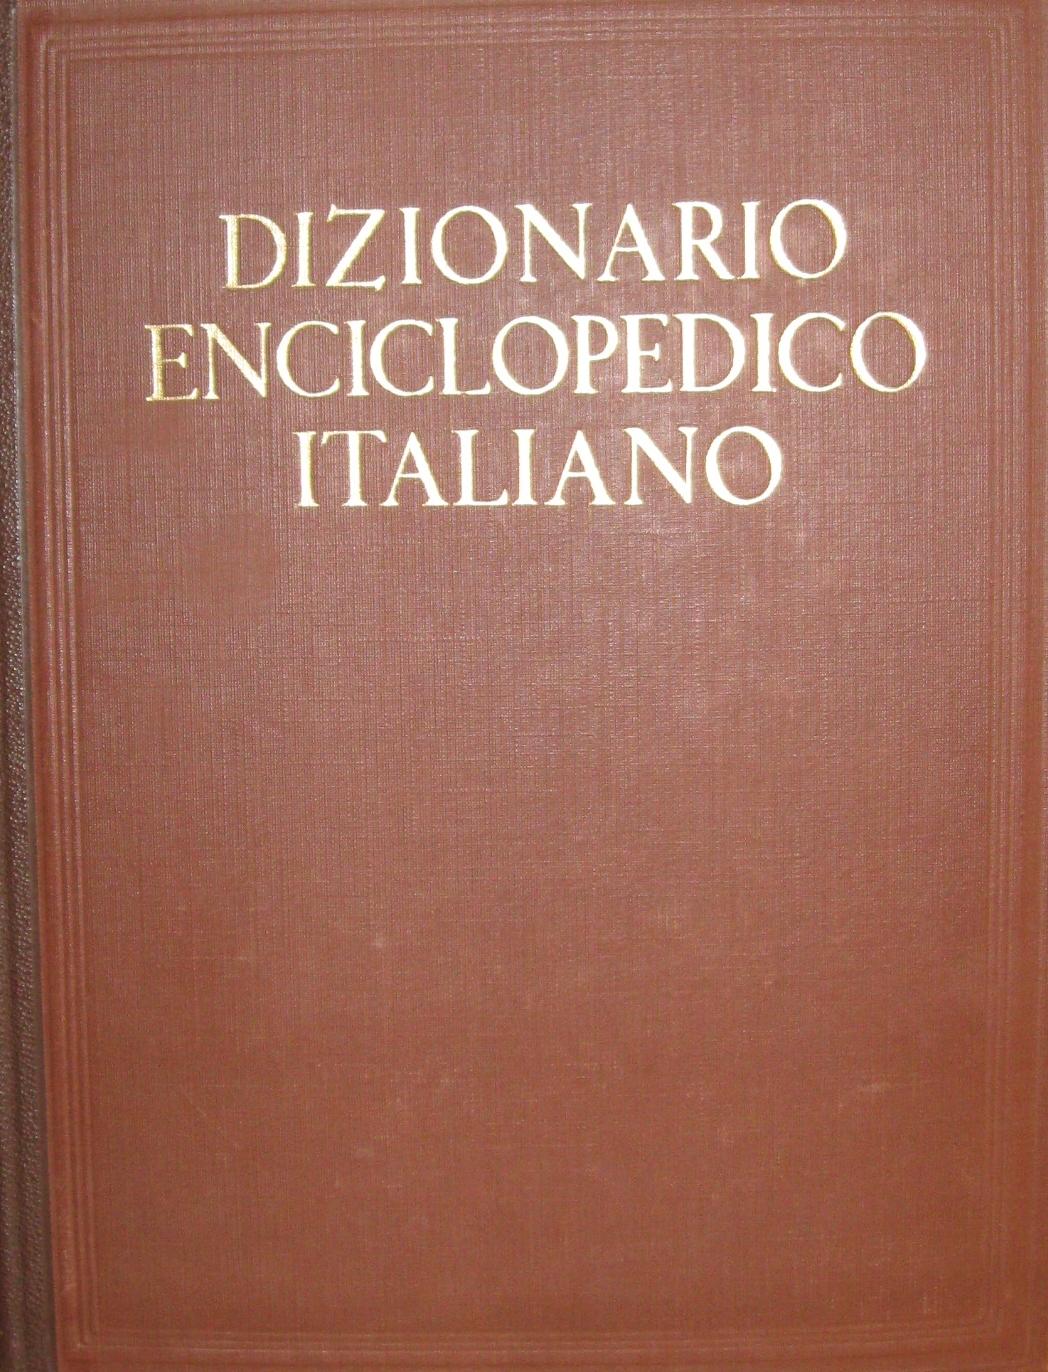 Dizionario enciclopedico italiano - Vol. 11